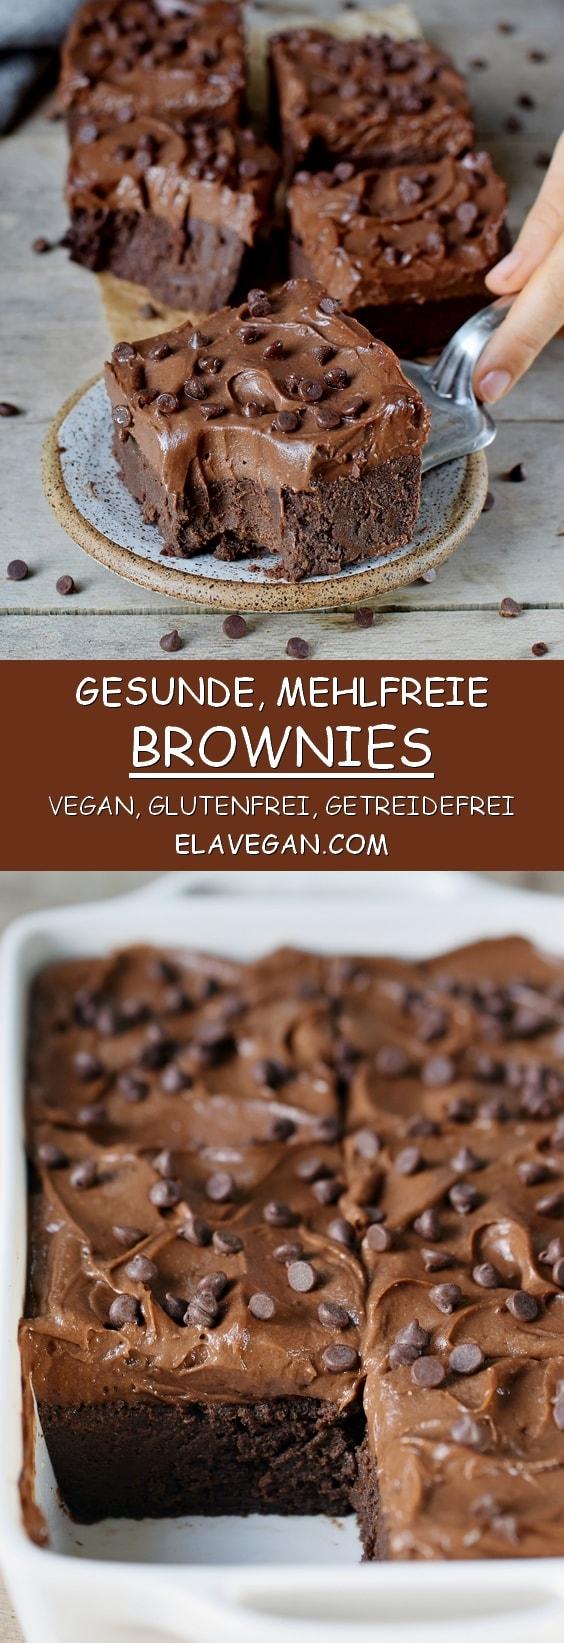 mehlfreie gesunde kichererbsen brownies vegan glutenfrei getreidefrei